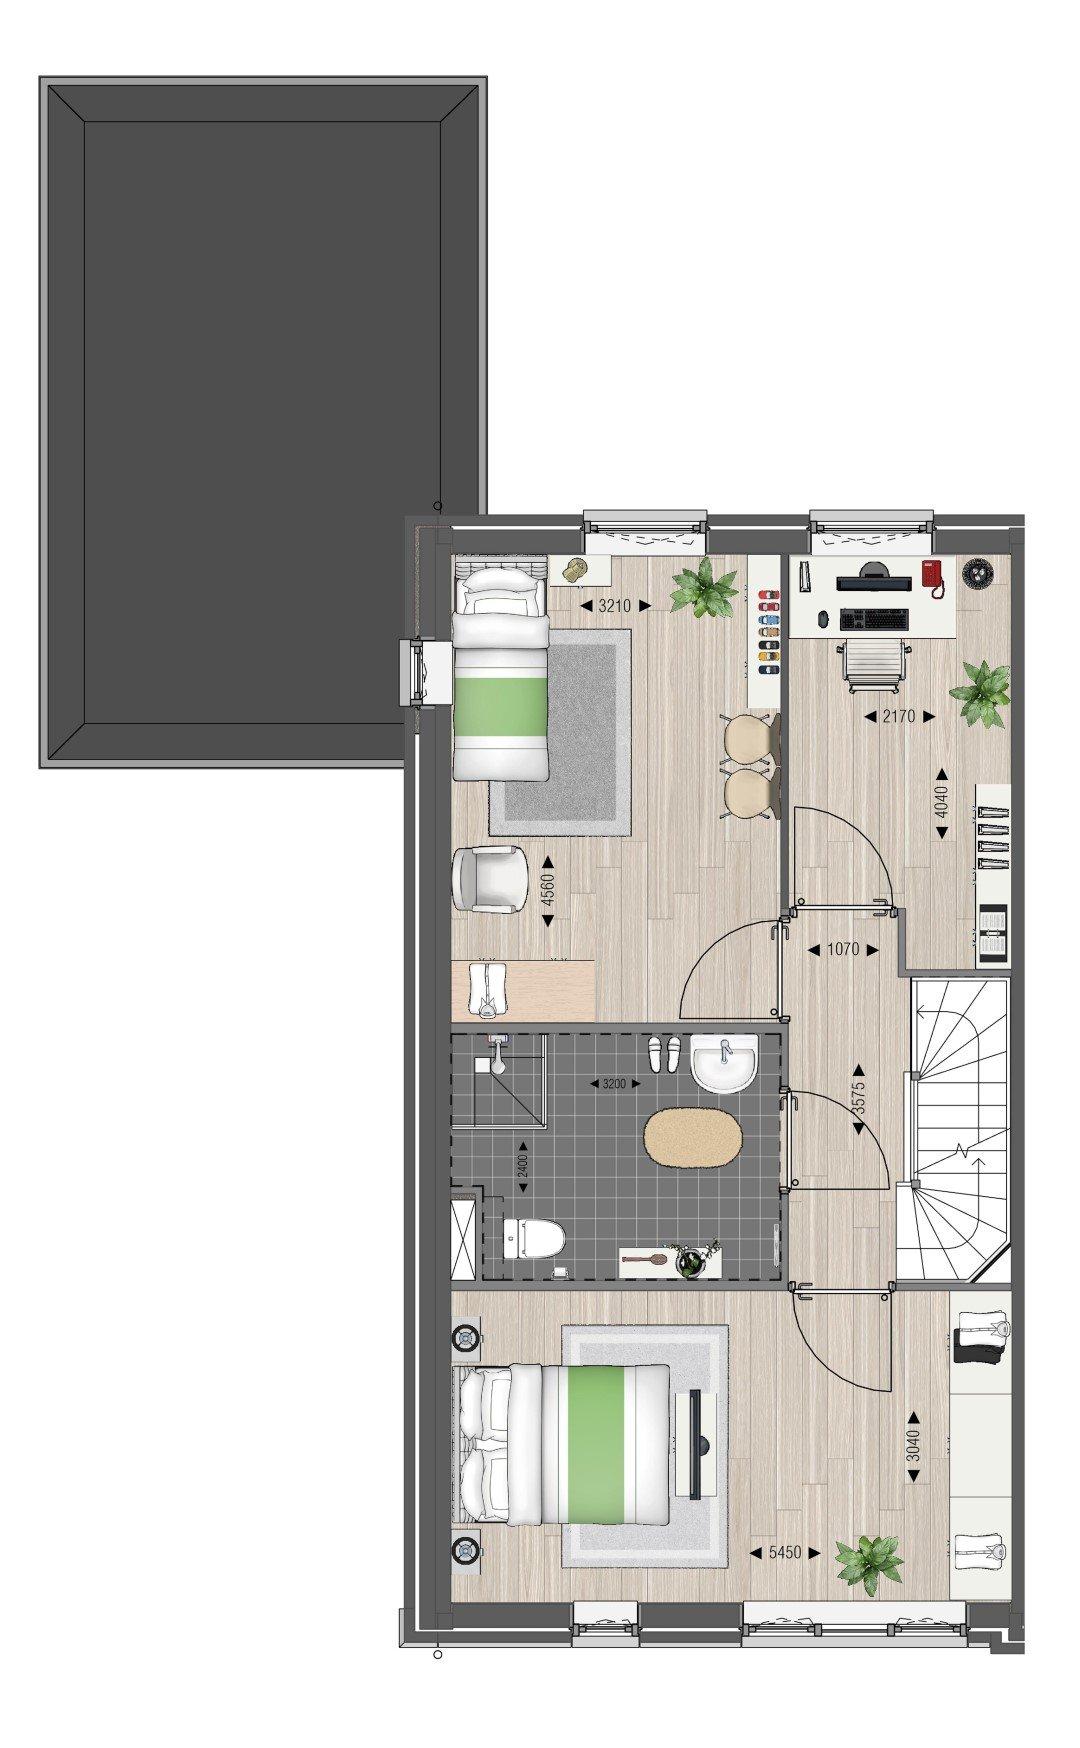 In verkoop, informeer naar de laatste status! Park Harga fase 4 Na het succes van de eerdere fasen blijft Park Harga volop in ontwikkeling! Fase 4 bestaat uit de nieuwbouw van 35 eengezinswoningen, waarvan 22 huurwoningen en 13 koopwoningen. Het aanbod koopwoningen bestaat uit 13 fraaie eengezinswoningen. Stuk voor stuk duurzame woningen met een moderne uitstraling en een hoogwaardig afwerkingsniveau. Wonen in Park Harga Park Harga in Schiedam is centraal gelegen langs de groene Poldervaart, dichtbij alle (centrum) voorzieningen en is een nieuwe, duurzame woonwijk met woningen en appartementen. De wijk Park Harga is goed bereikbaar, gelegen in het groen, met speelruimte voor de kinderen, de sportclubs om de hoek en op fietsafstand van het gezellige centrum. Het zuidelijk deel van de wijk is inmiddels opgeleverd en de bouw van de eerste fasen in het nieuwe deel verloopt voorspoedig. Het plan is geïnspireerd op de authentieke bouwstijl van de jaren […]